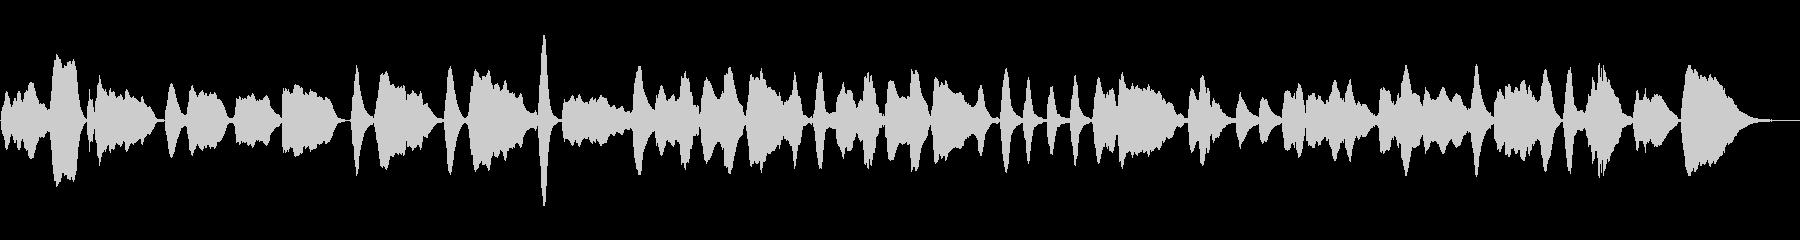 「もろびとこぞりて」をヴァイオリンソロでの未再生の波形